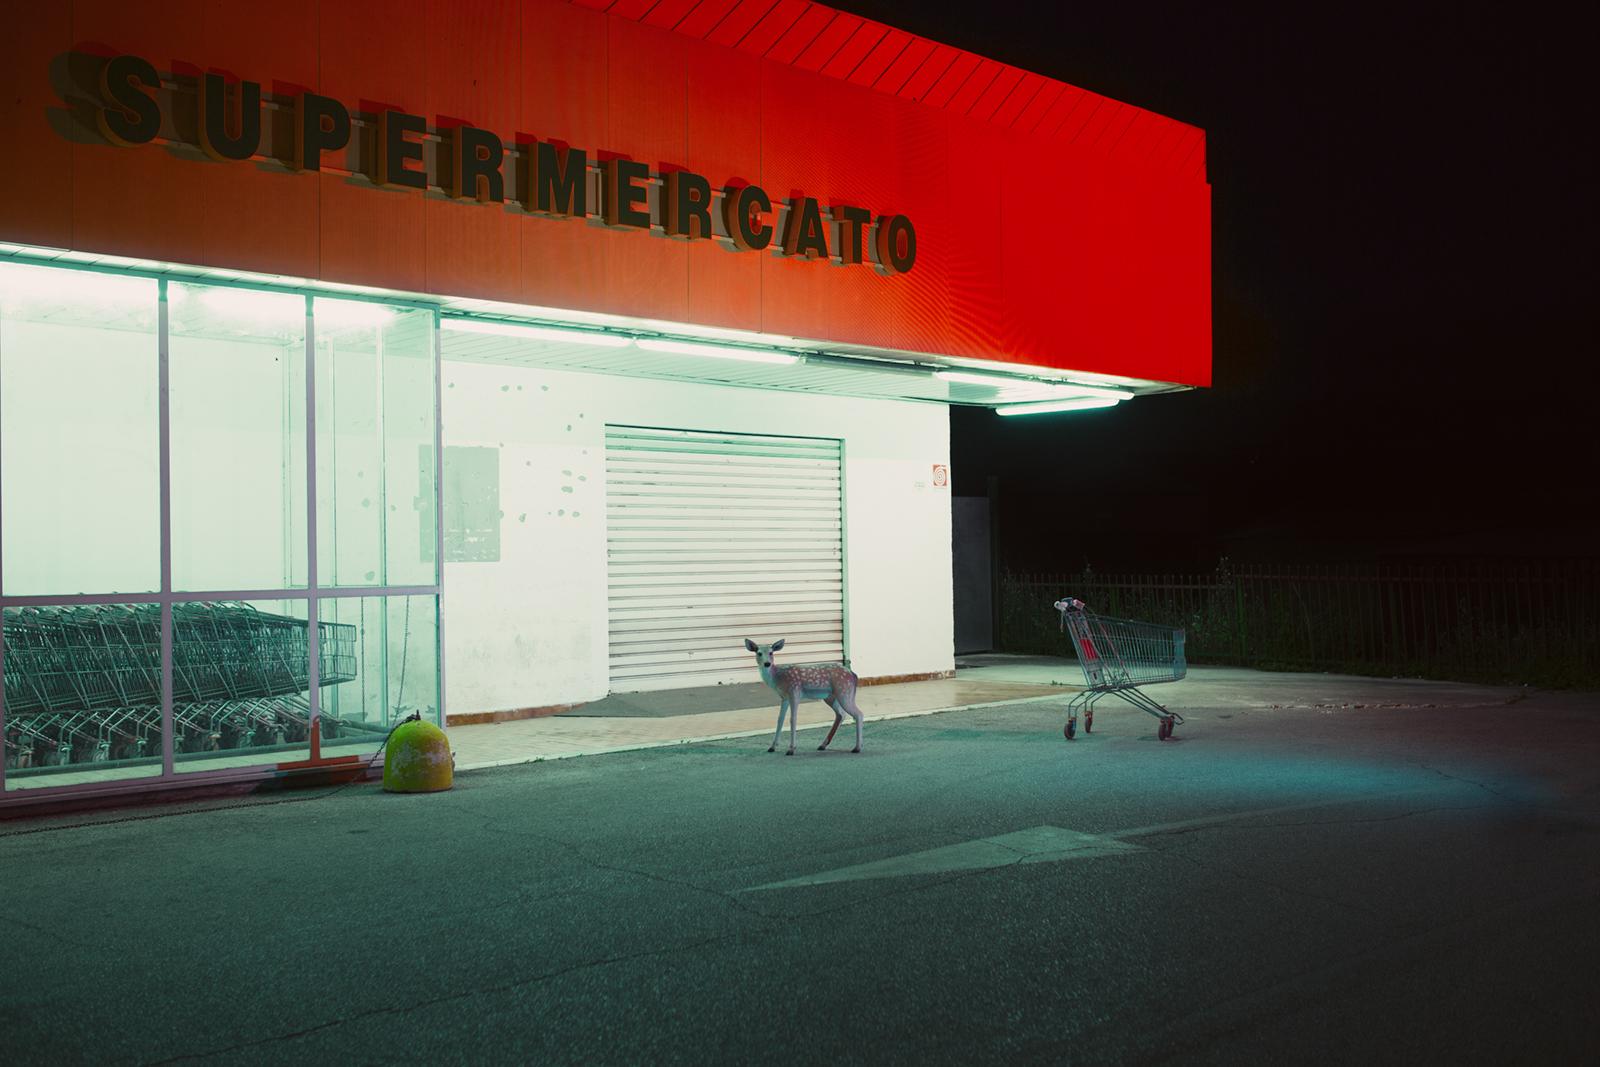 Graziano Panfili: Adolescence © Graziano Panfili